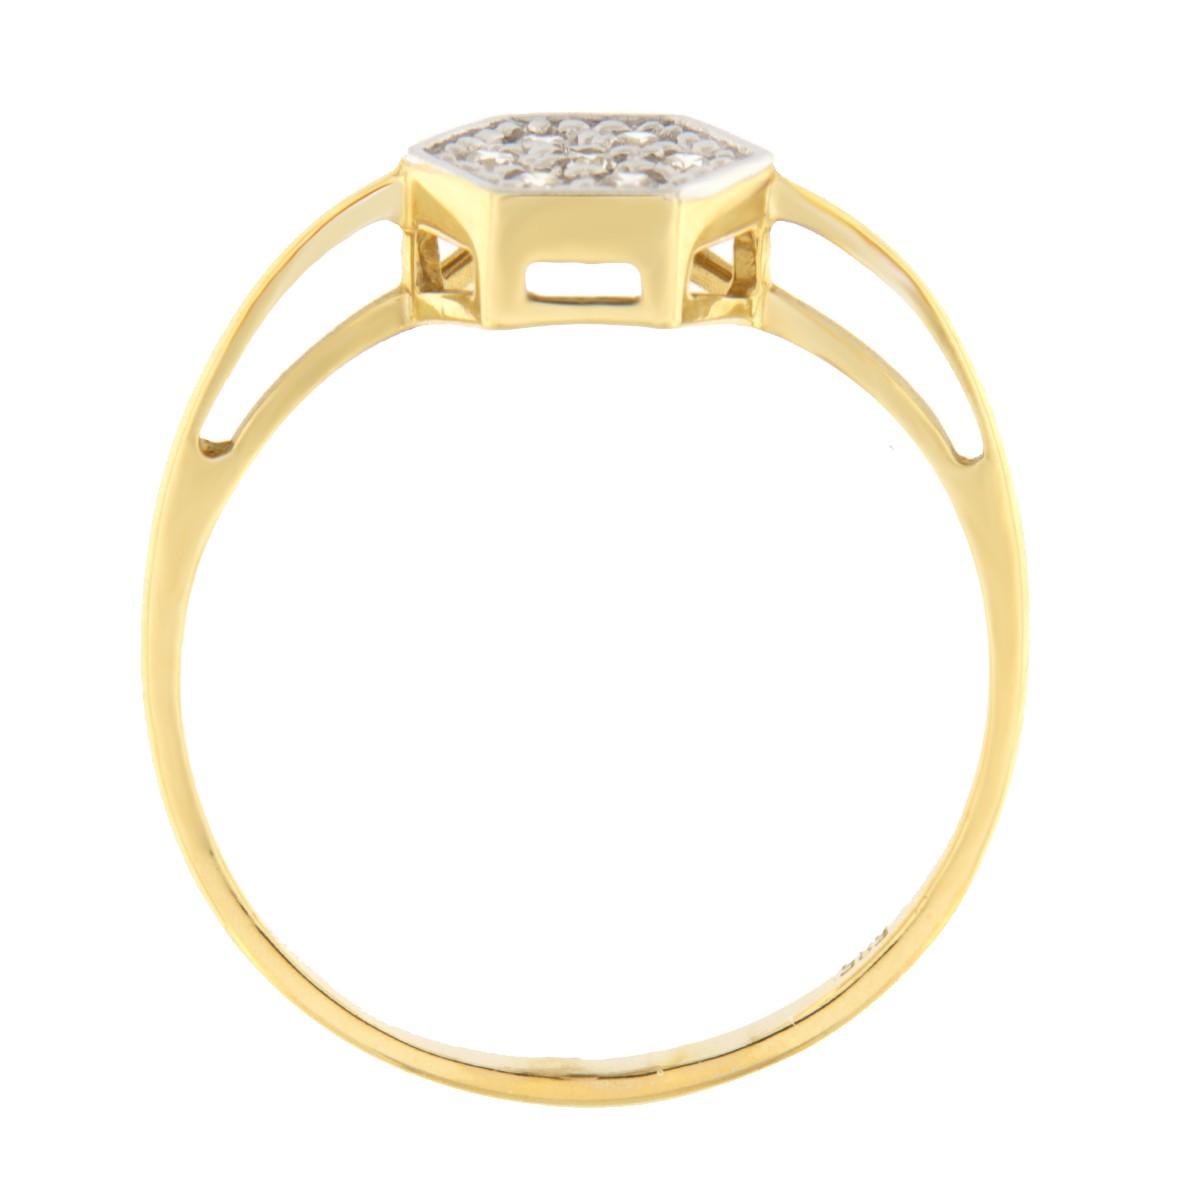 Kullast sõrmus tsirkoonidega Kood: 845wp441, 843wp441, 840wp441 külg